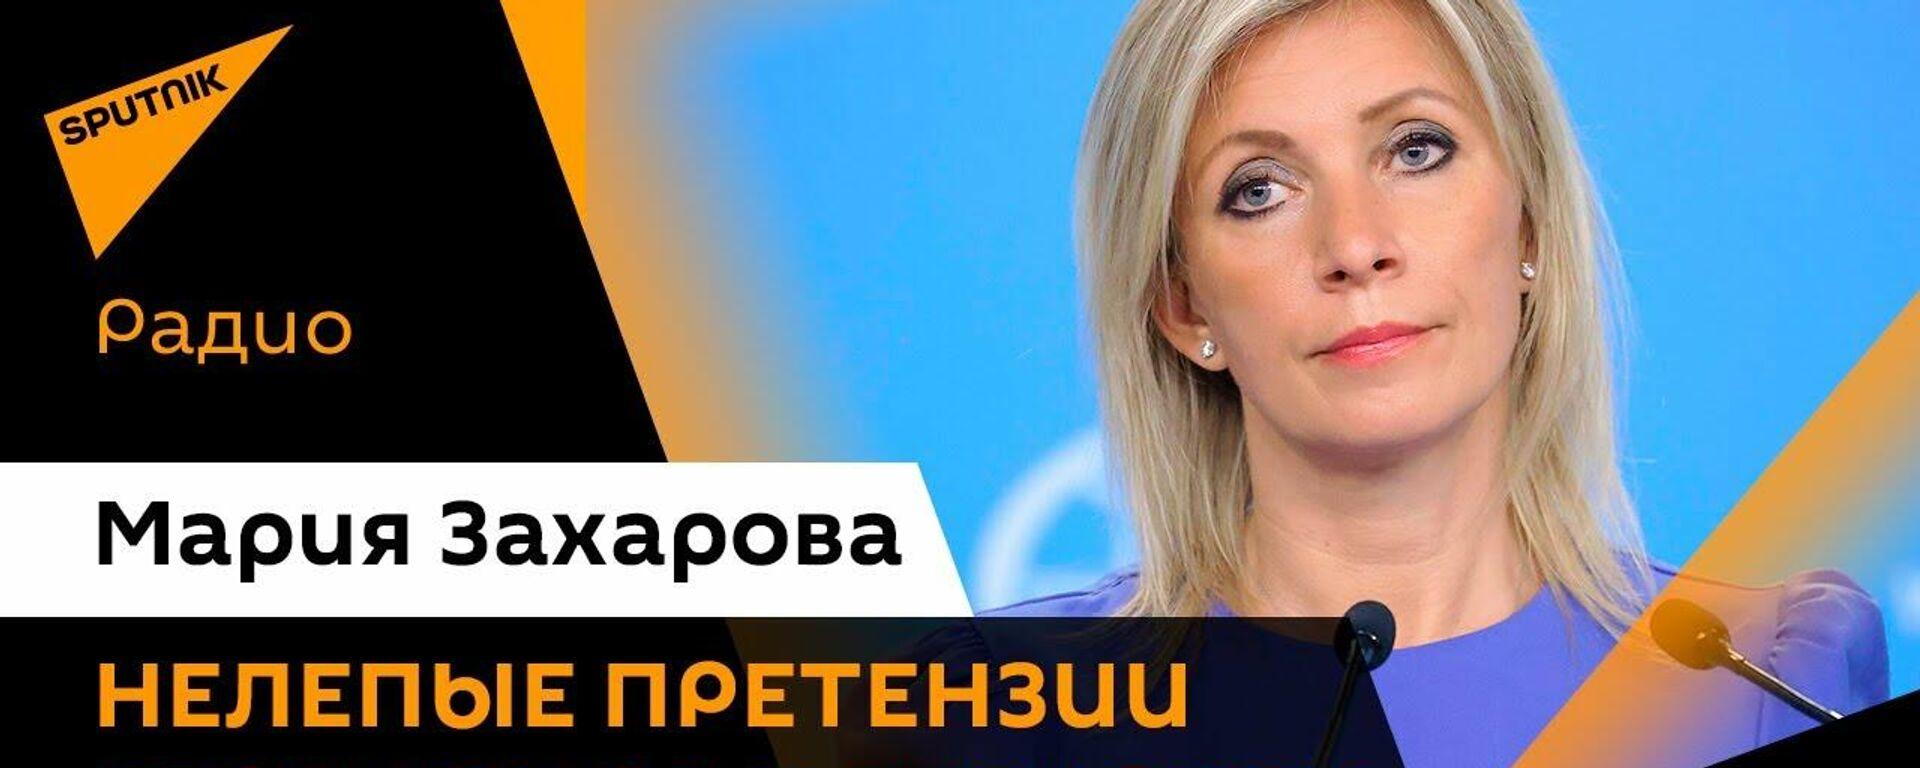 Официальный представитель МИД РФ прокомментировала миграционный скандал, затеянный Литвой - Sputnik Латвия, 1920, 10.07.2021